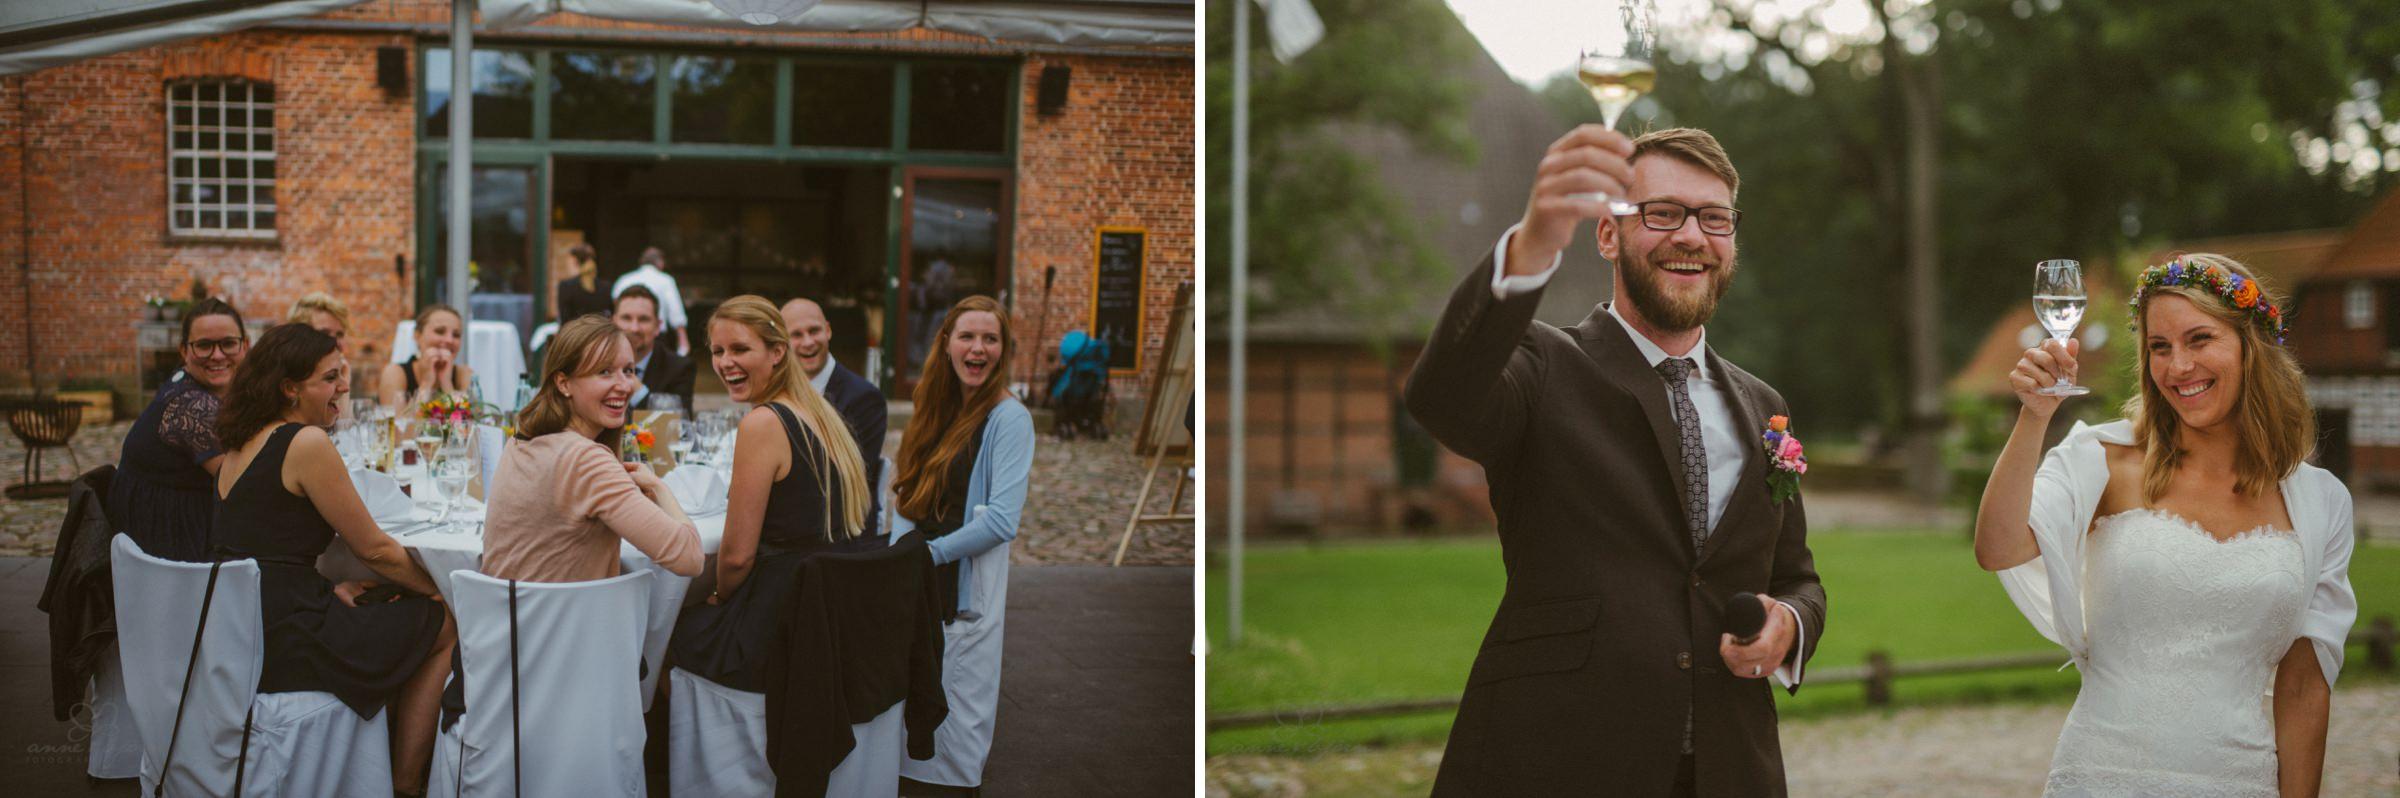 Hochzeitsfeier, Gut Thansen, Prost